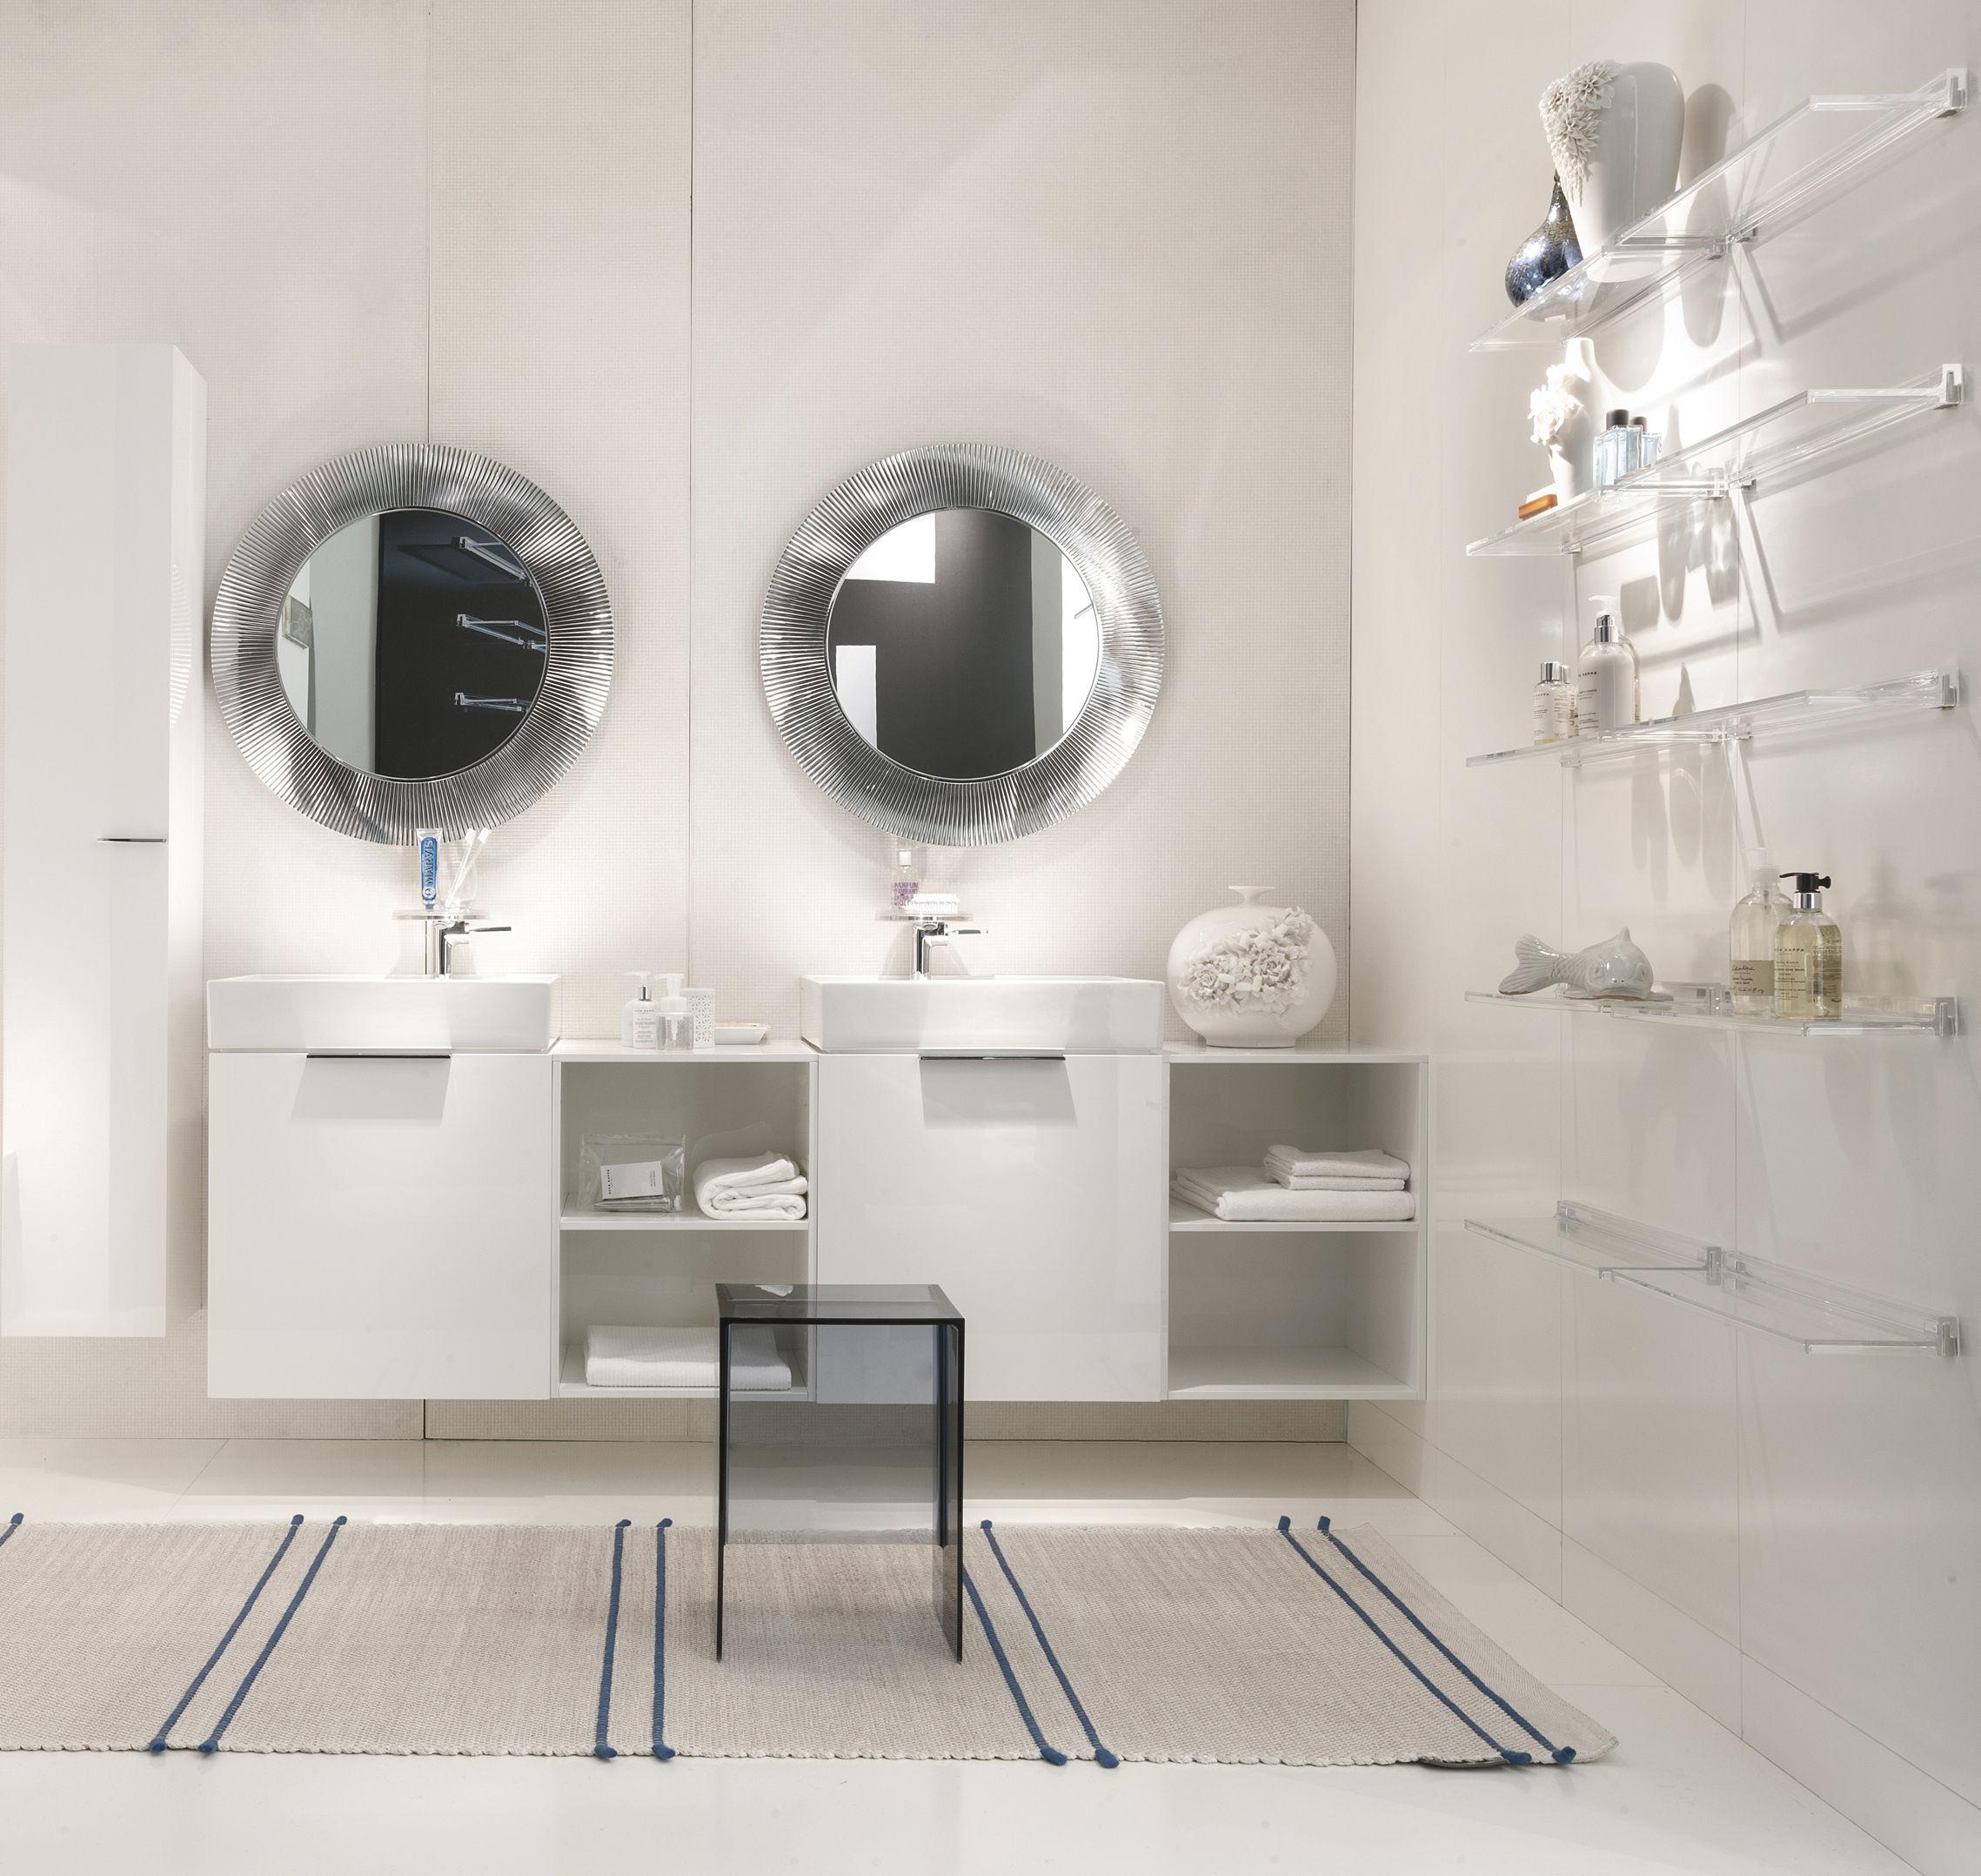 kartell salle de bain ... Mobilier - Etagères u0026 bibliothèques - Etagère Shelfish - L 45 cm -  Kartell - Ambre